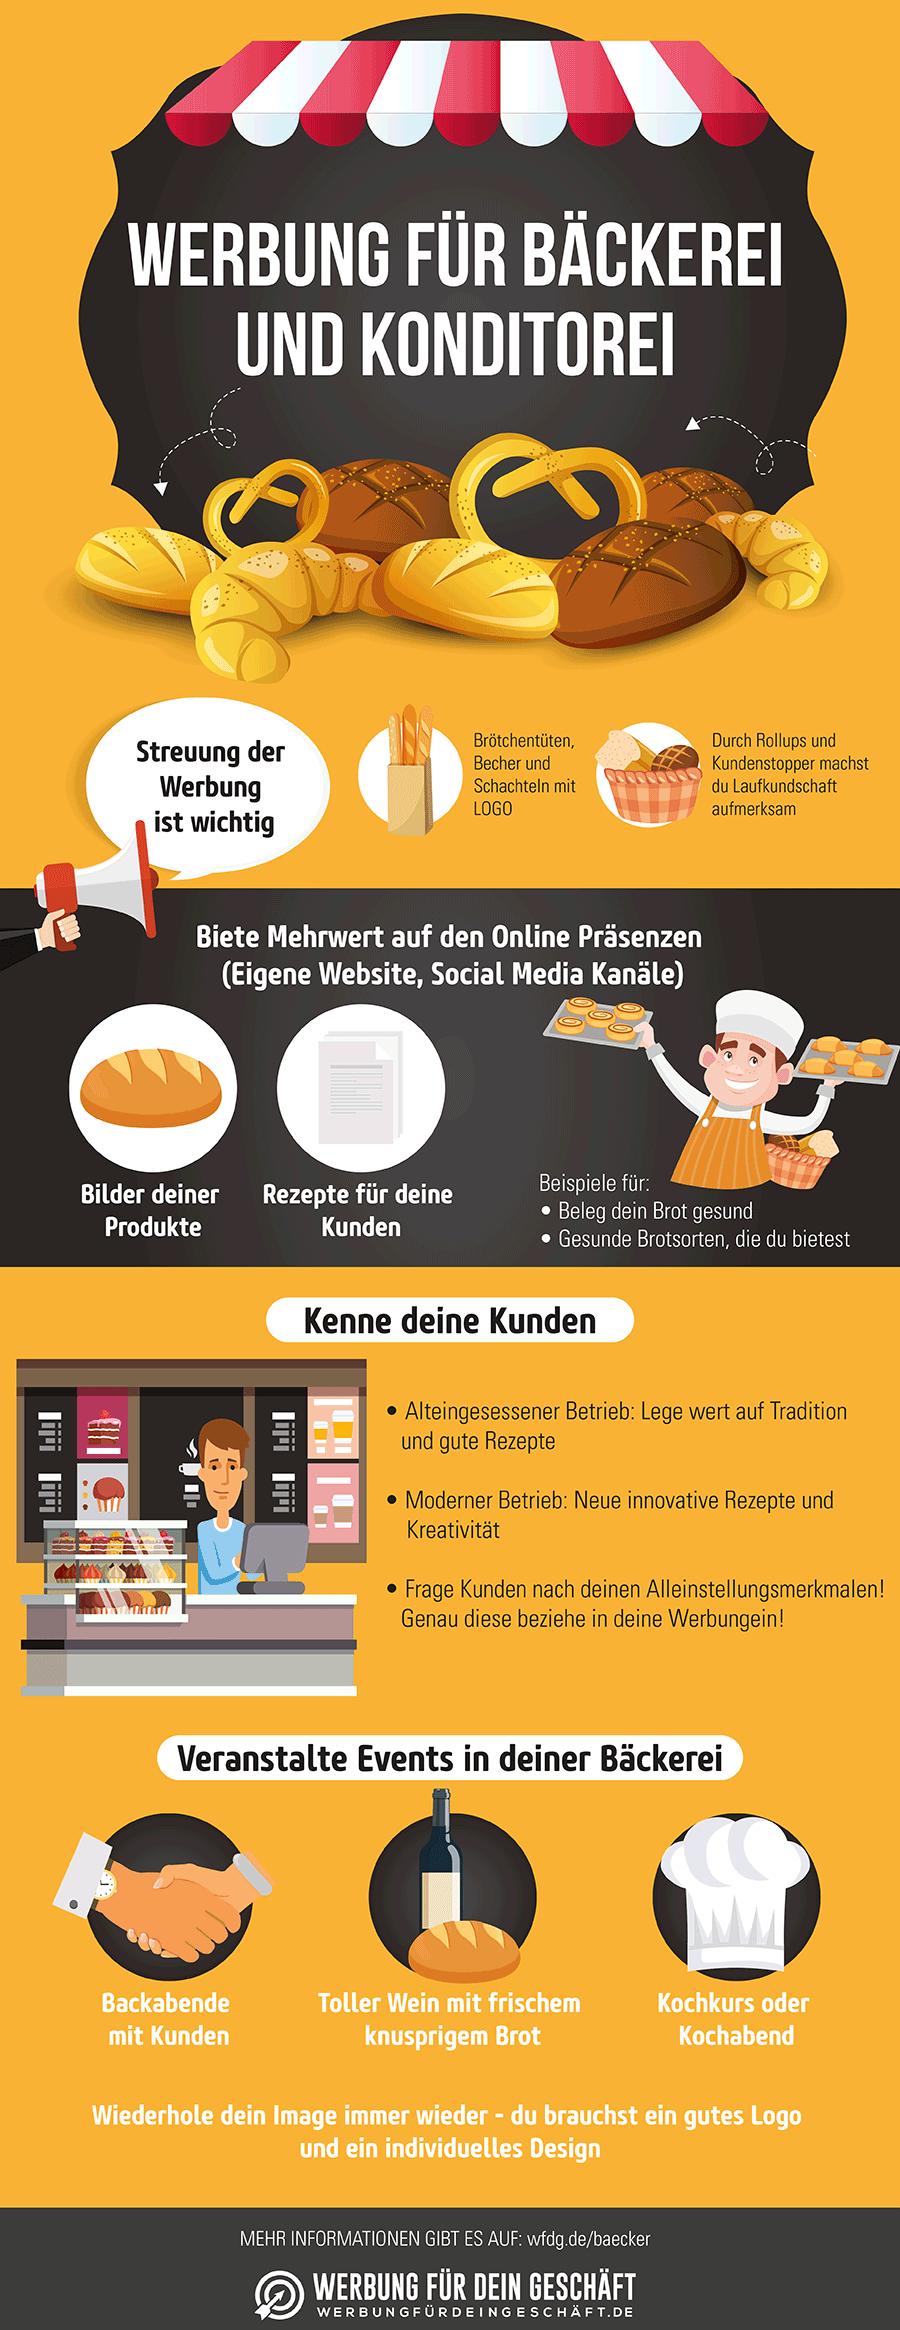 Infografik zur Werbung von Bäckereien und Konditoreien